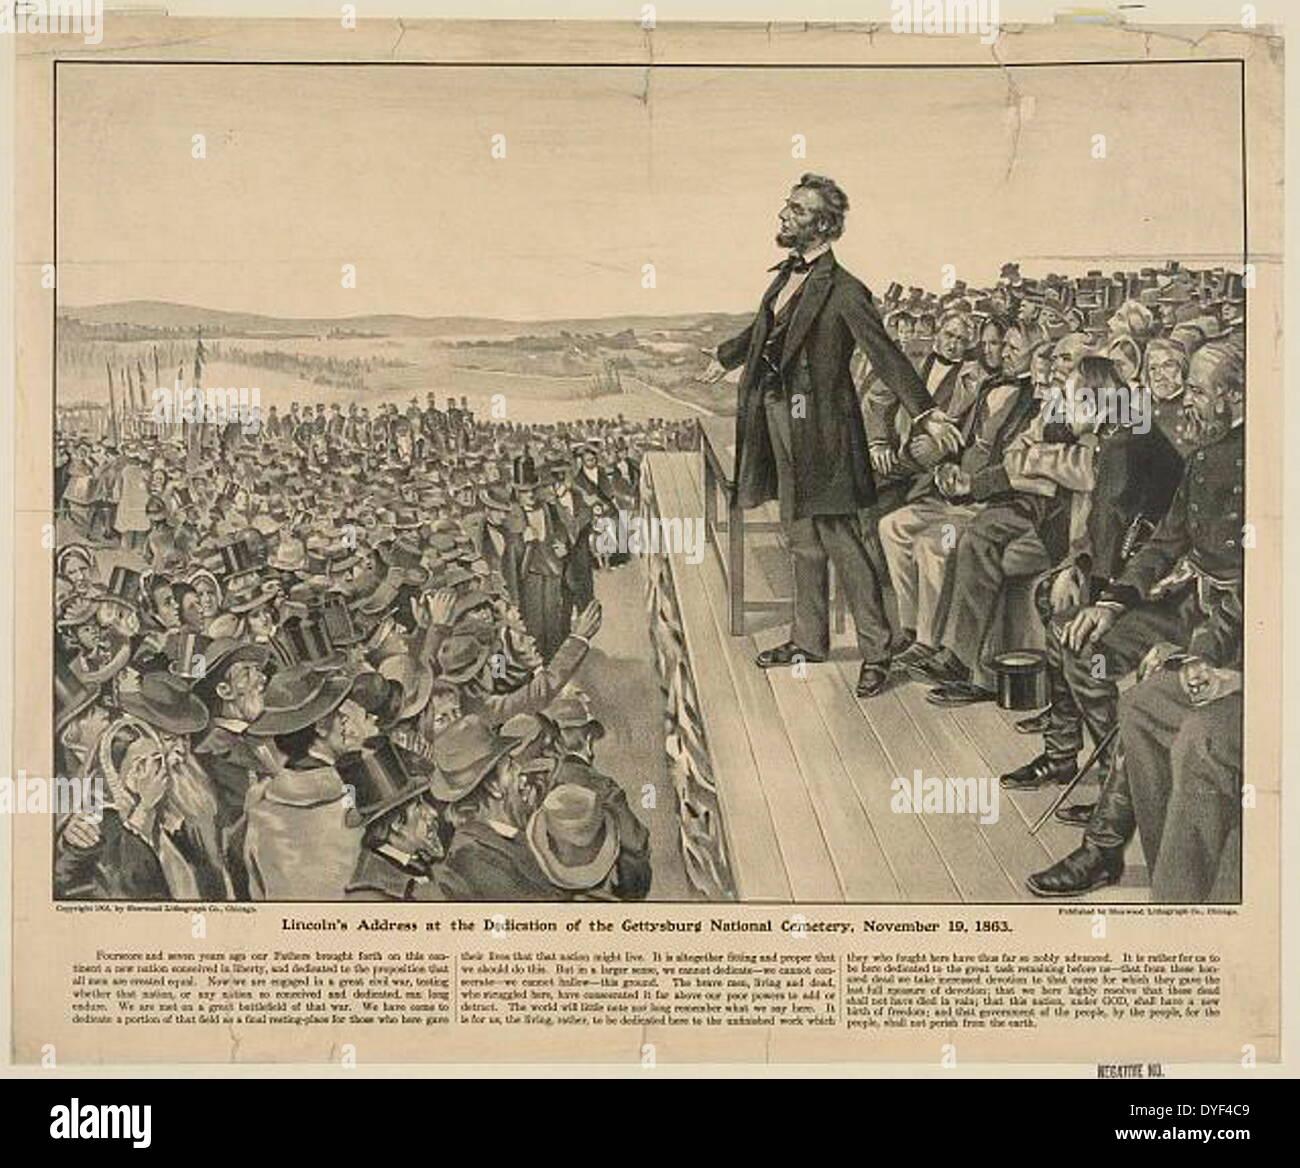 Der Gettysburg Address 1863. Präsident Abraham Lincoln die Bereitstellung der Gettysburg Address. Stockfoto